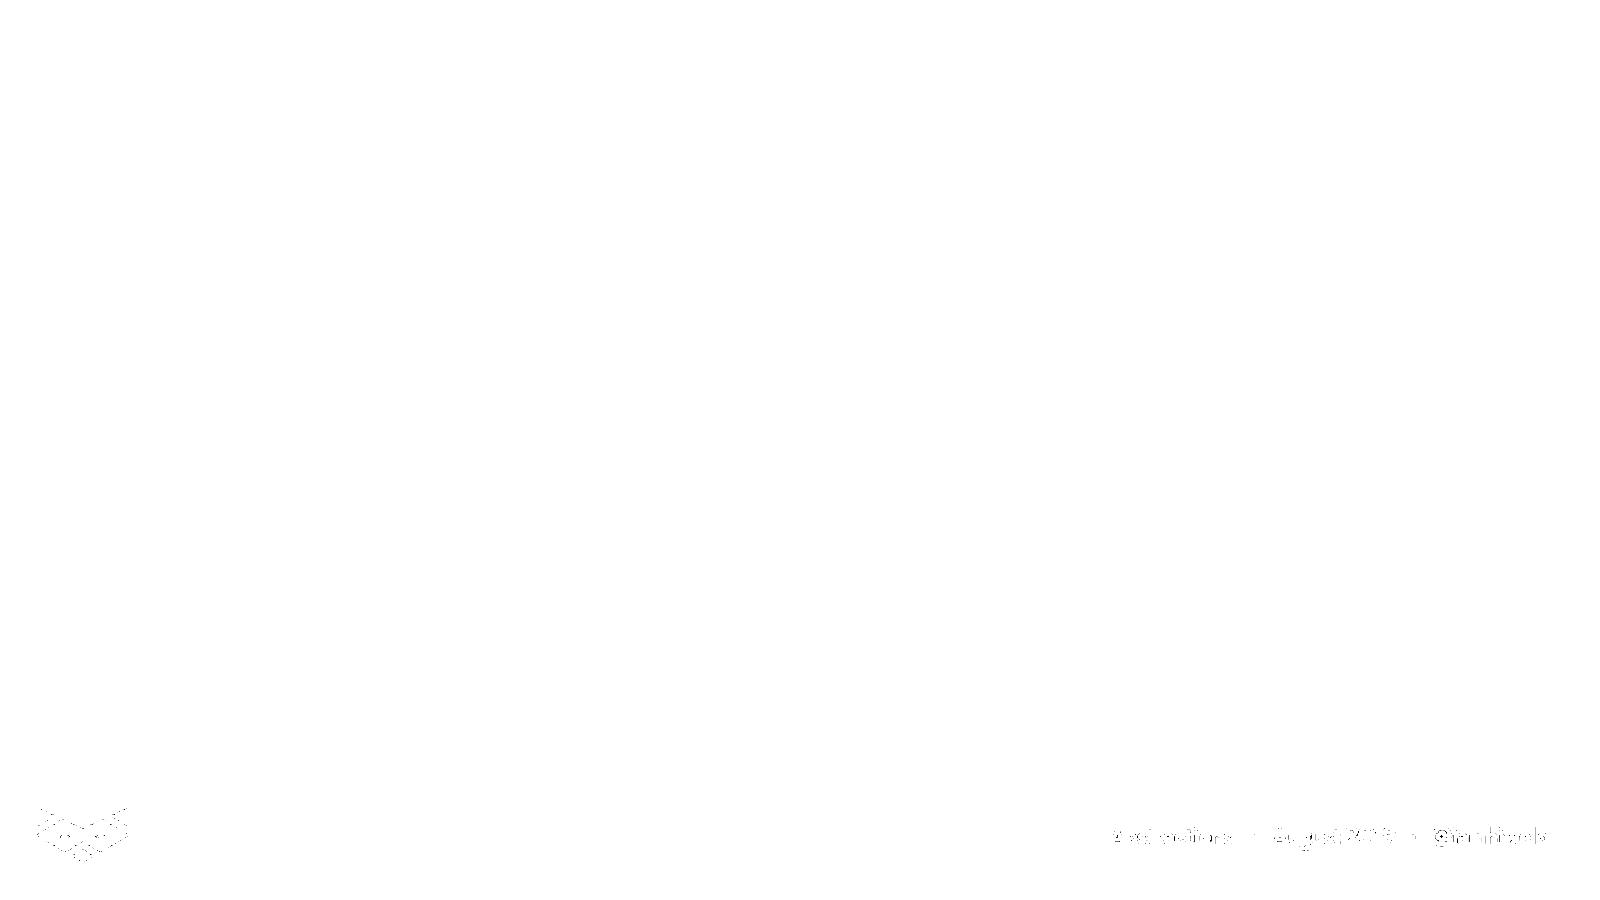 Slide 77